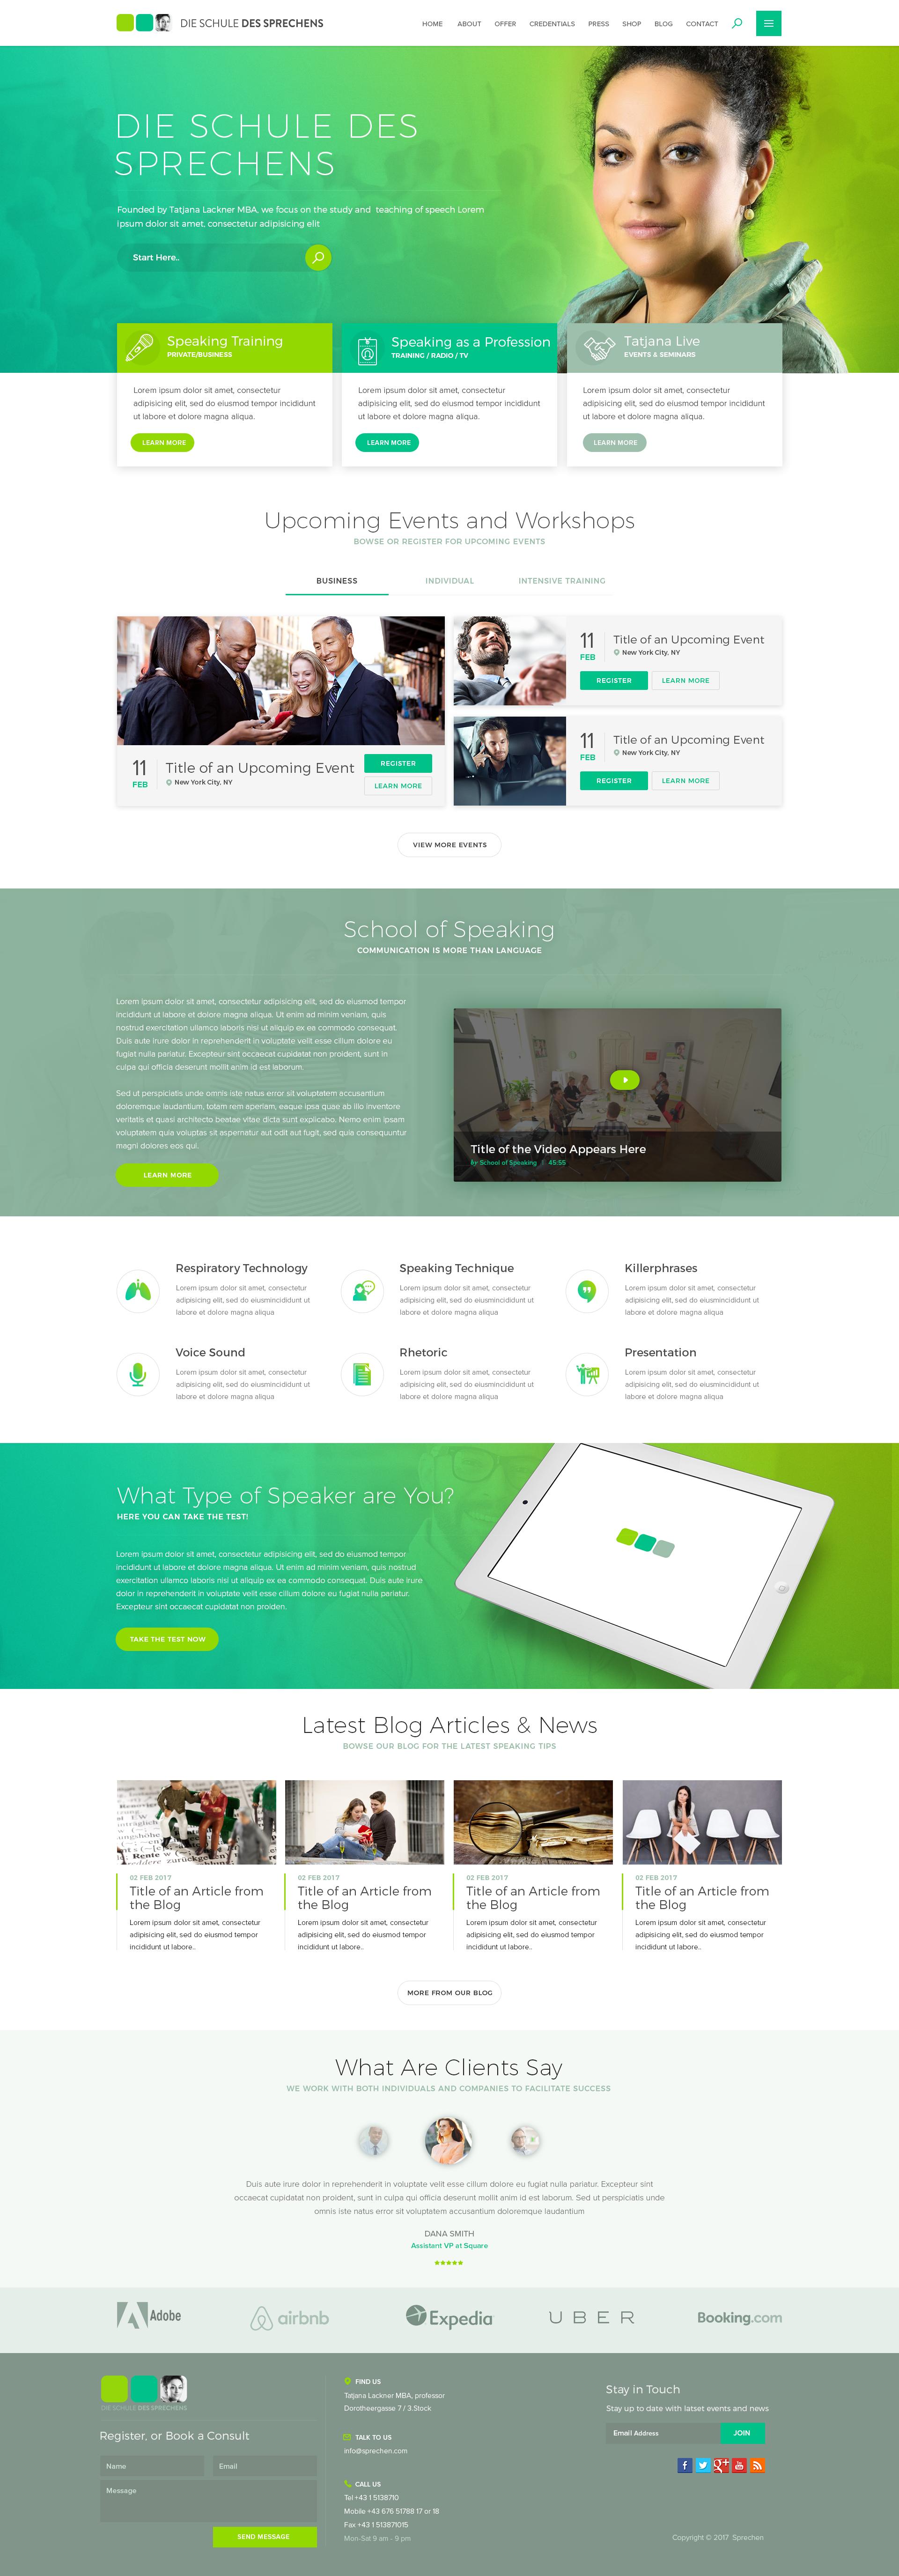 Pin By Subhi Mehto On Websites Photoshop Web Design Web Layout Design Web Design Company